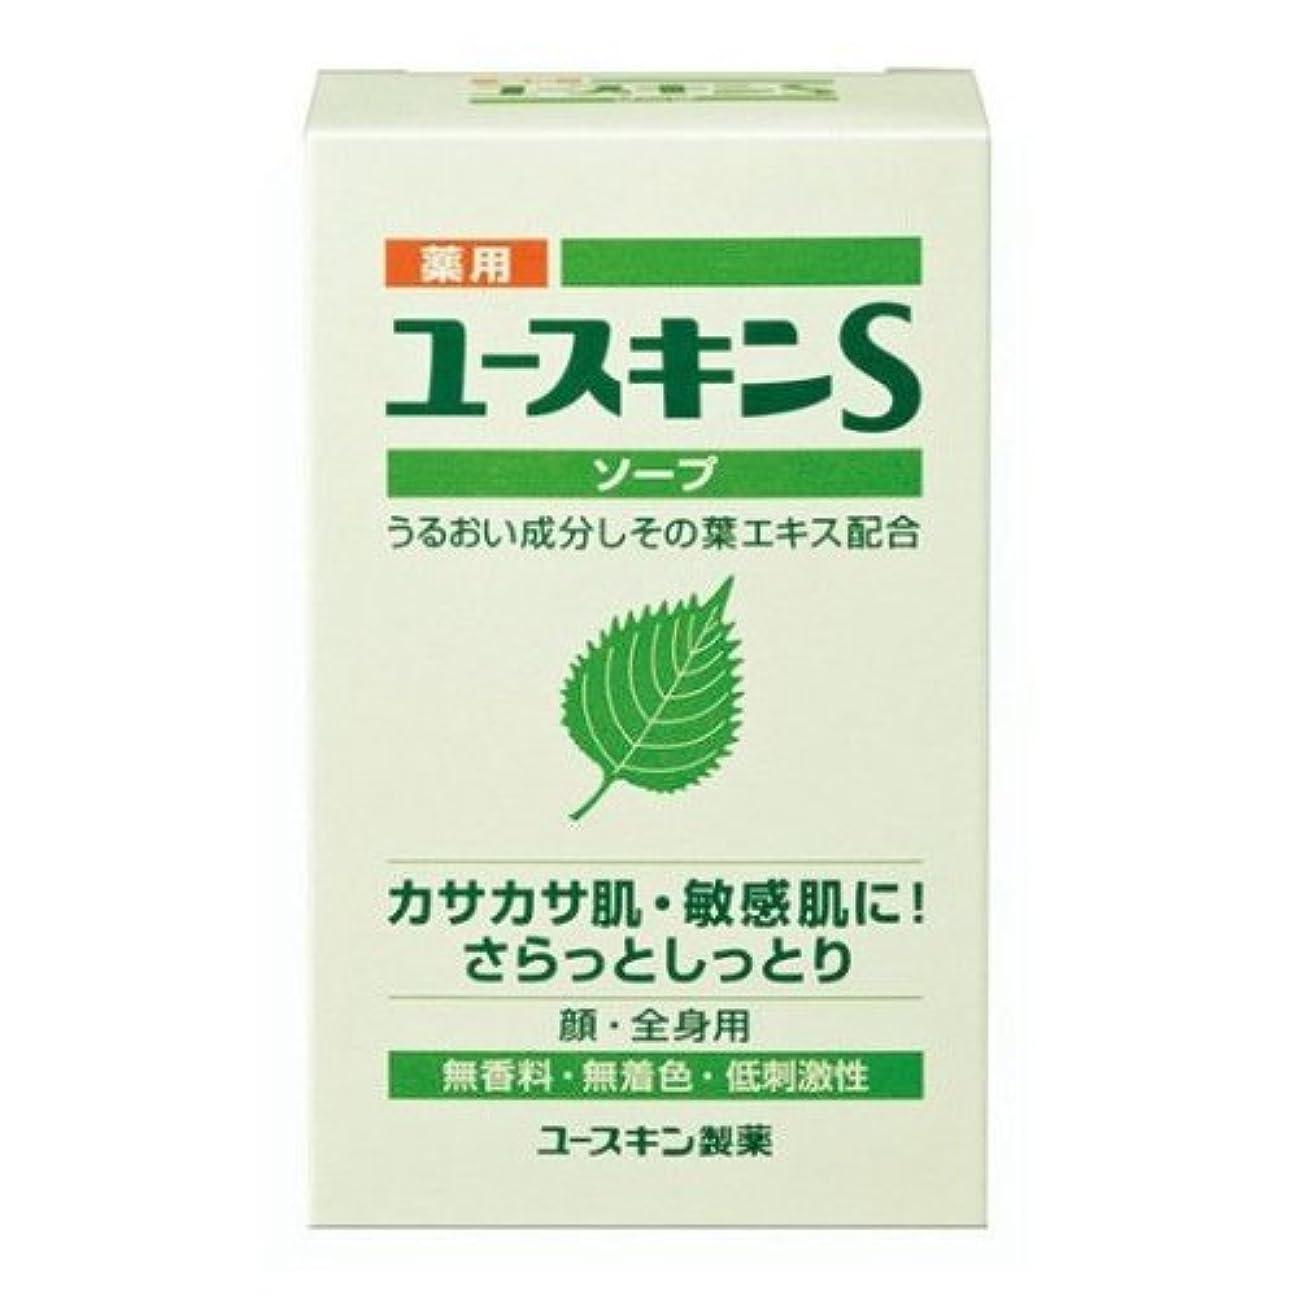 ナットカートリッジせっかちユースキン製薬 薬用ユースキンSソープ 90g(医薬部外品)